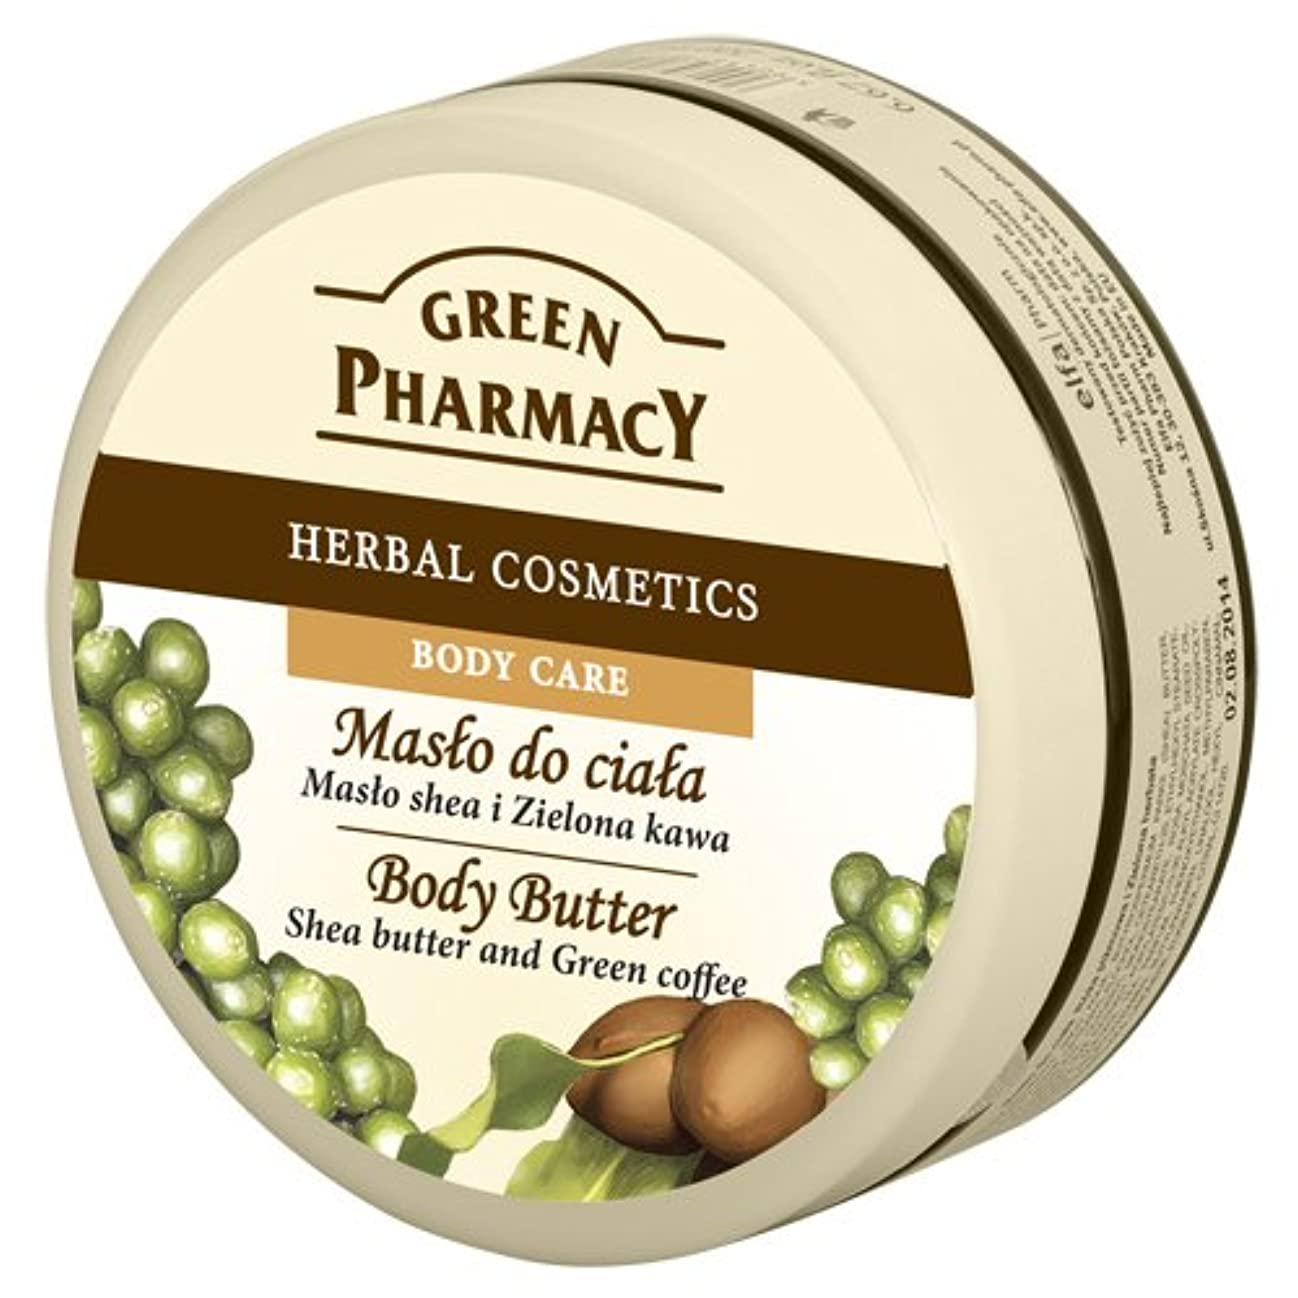 上記の頭と肩エピソードはげElfa Pharm Green Pharmacy グリーンファーマシー Body Butter ボディバター Shea Butter and Green Coffee